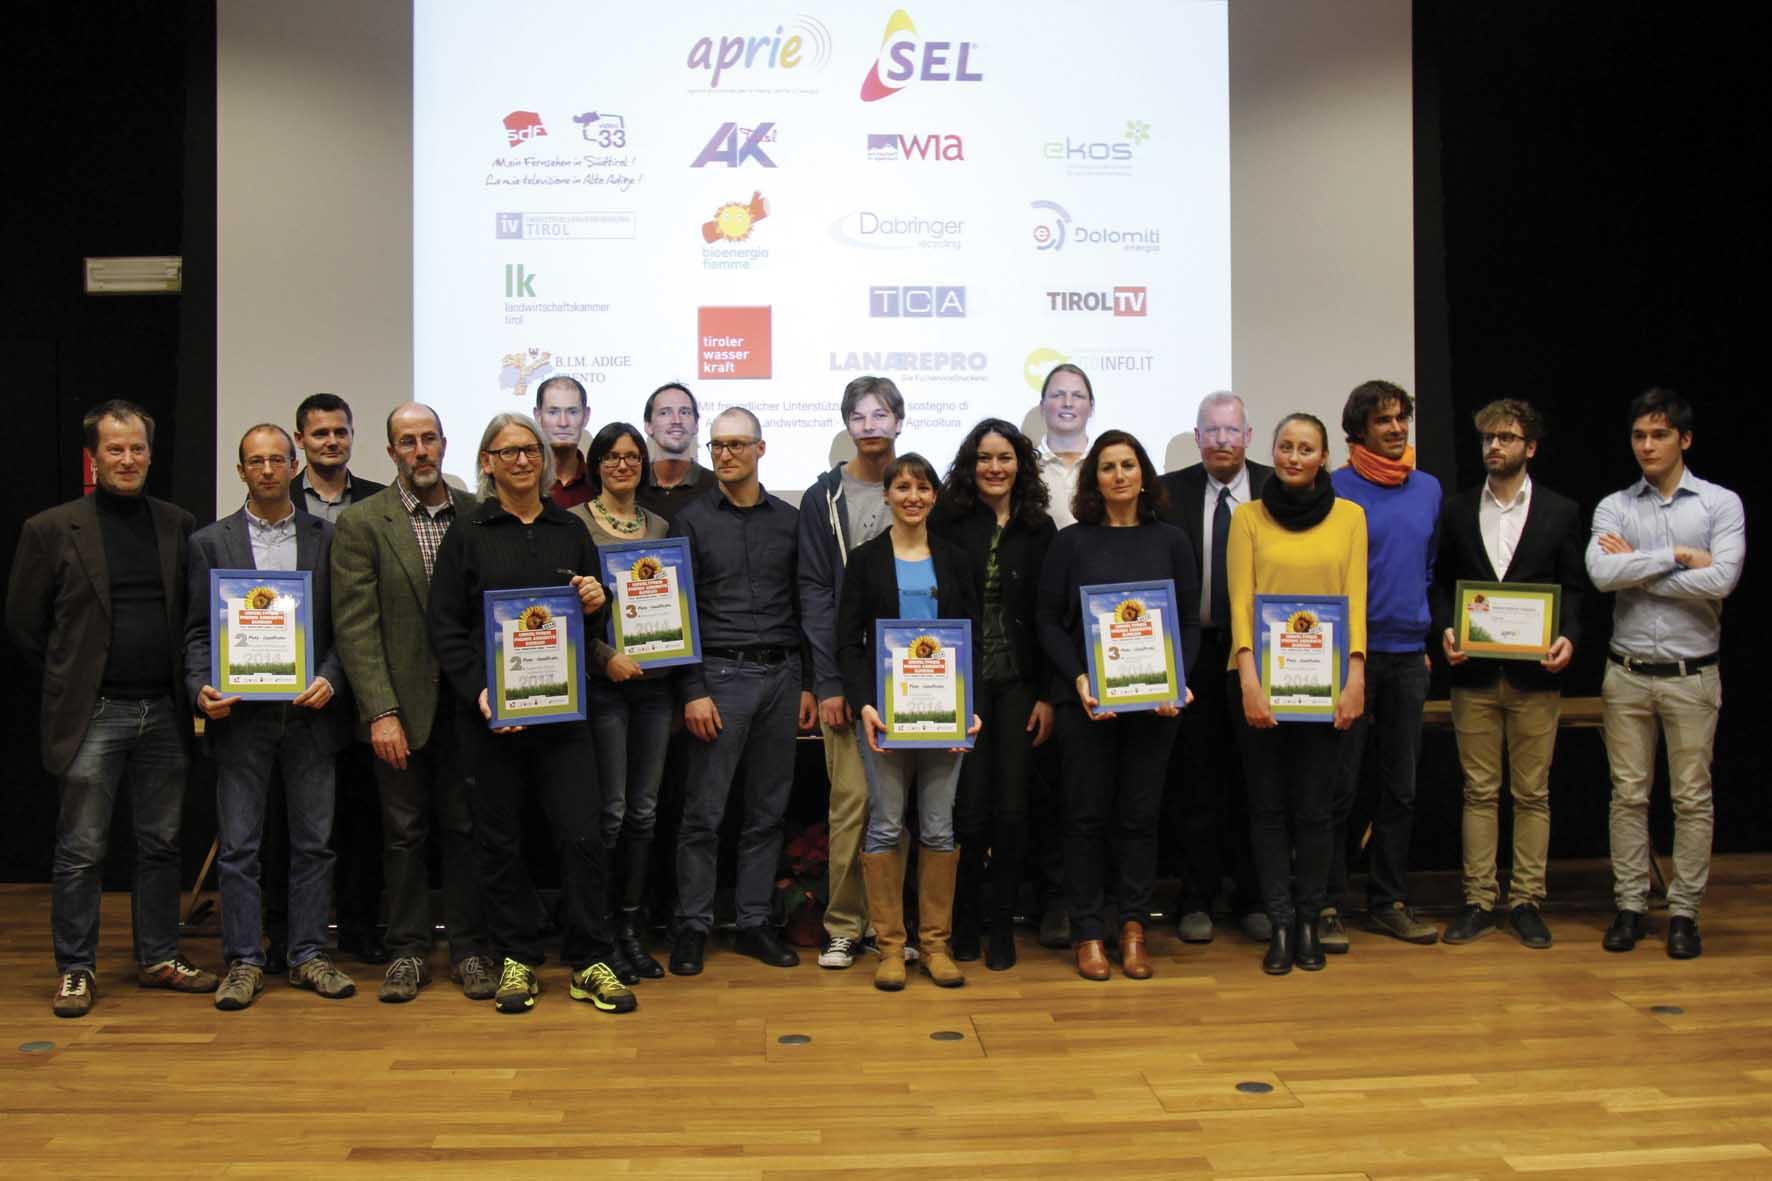 premio ambiente euregio 2014 1